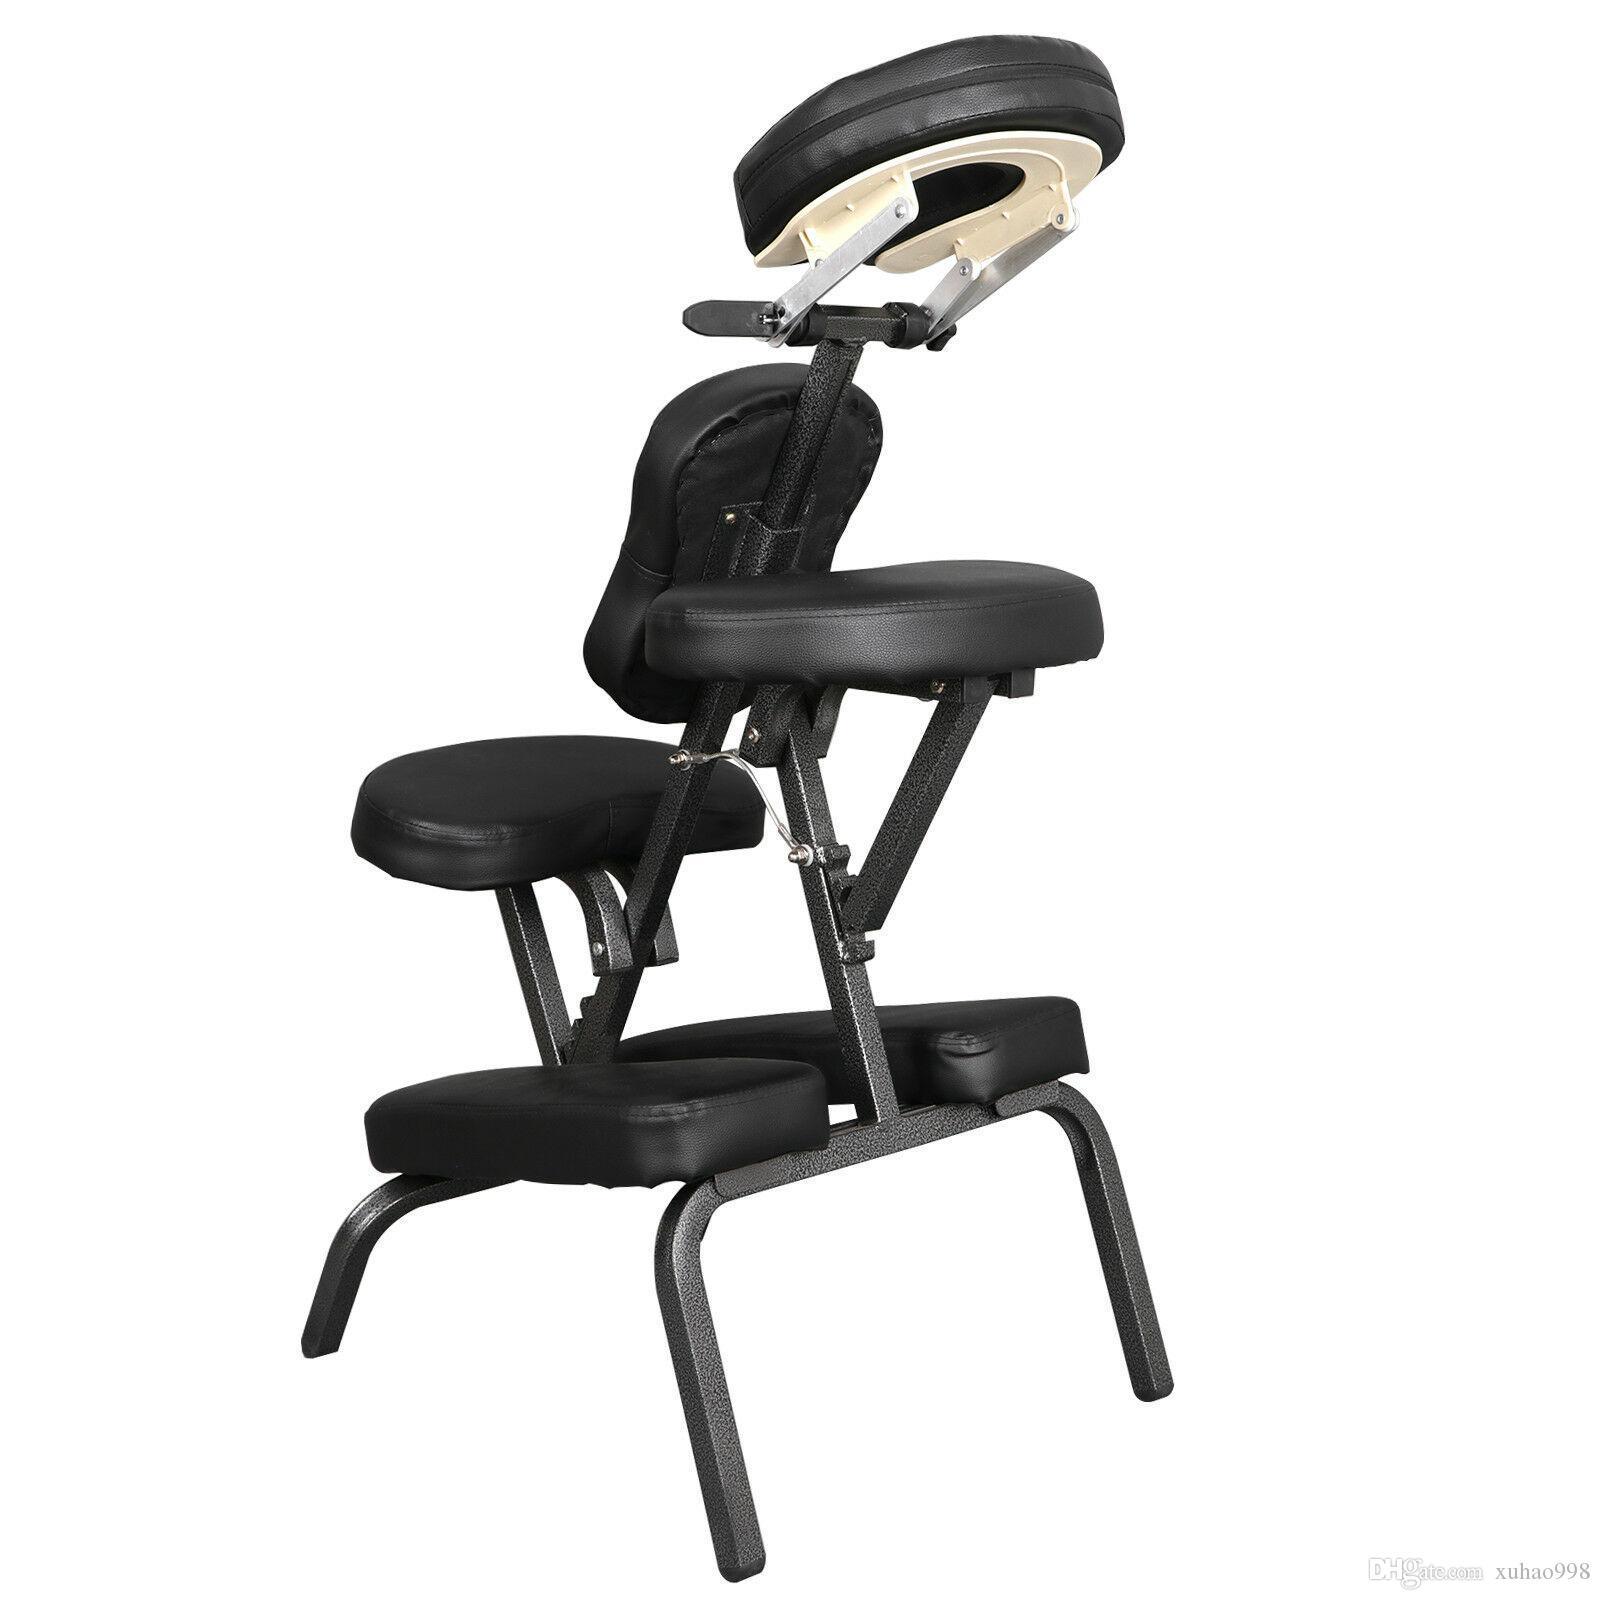 NOUVEAU POISSON PU PORTANT PU PU PU PULTURE DE VOYAGE DE VOYAGE TOUTOO SPA SPA Chaise de massage Noir Très bien